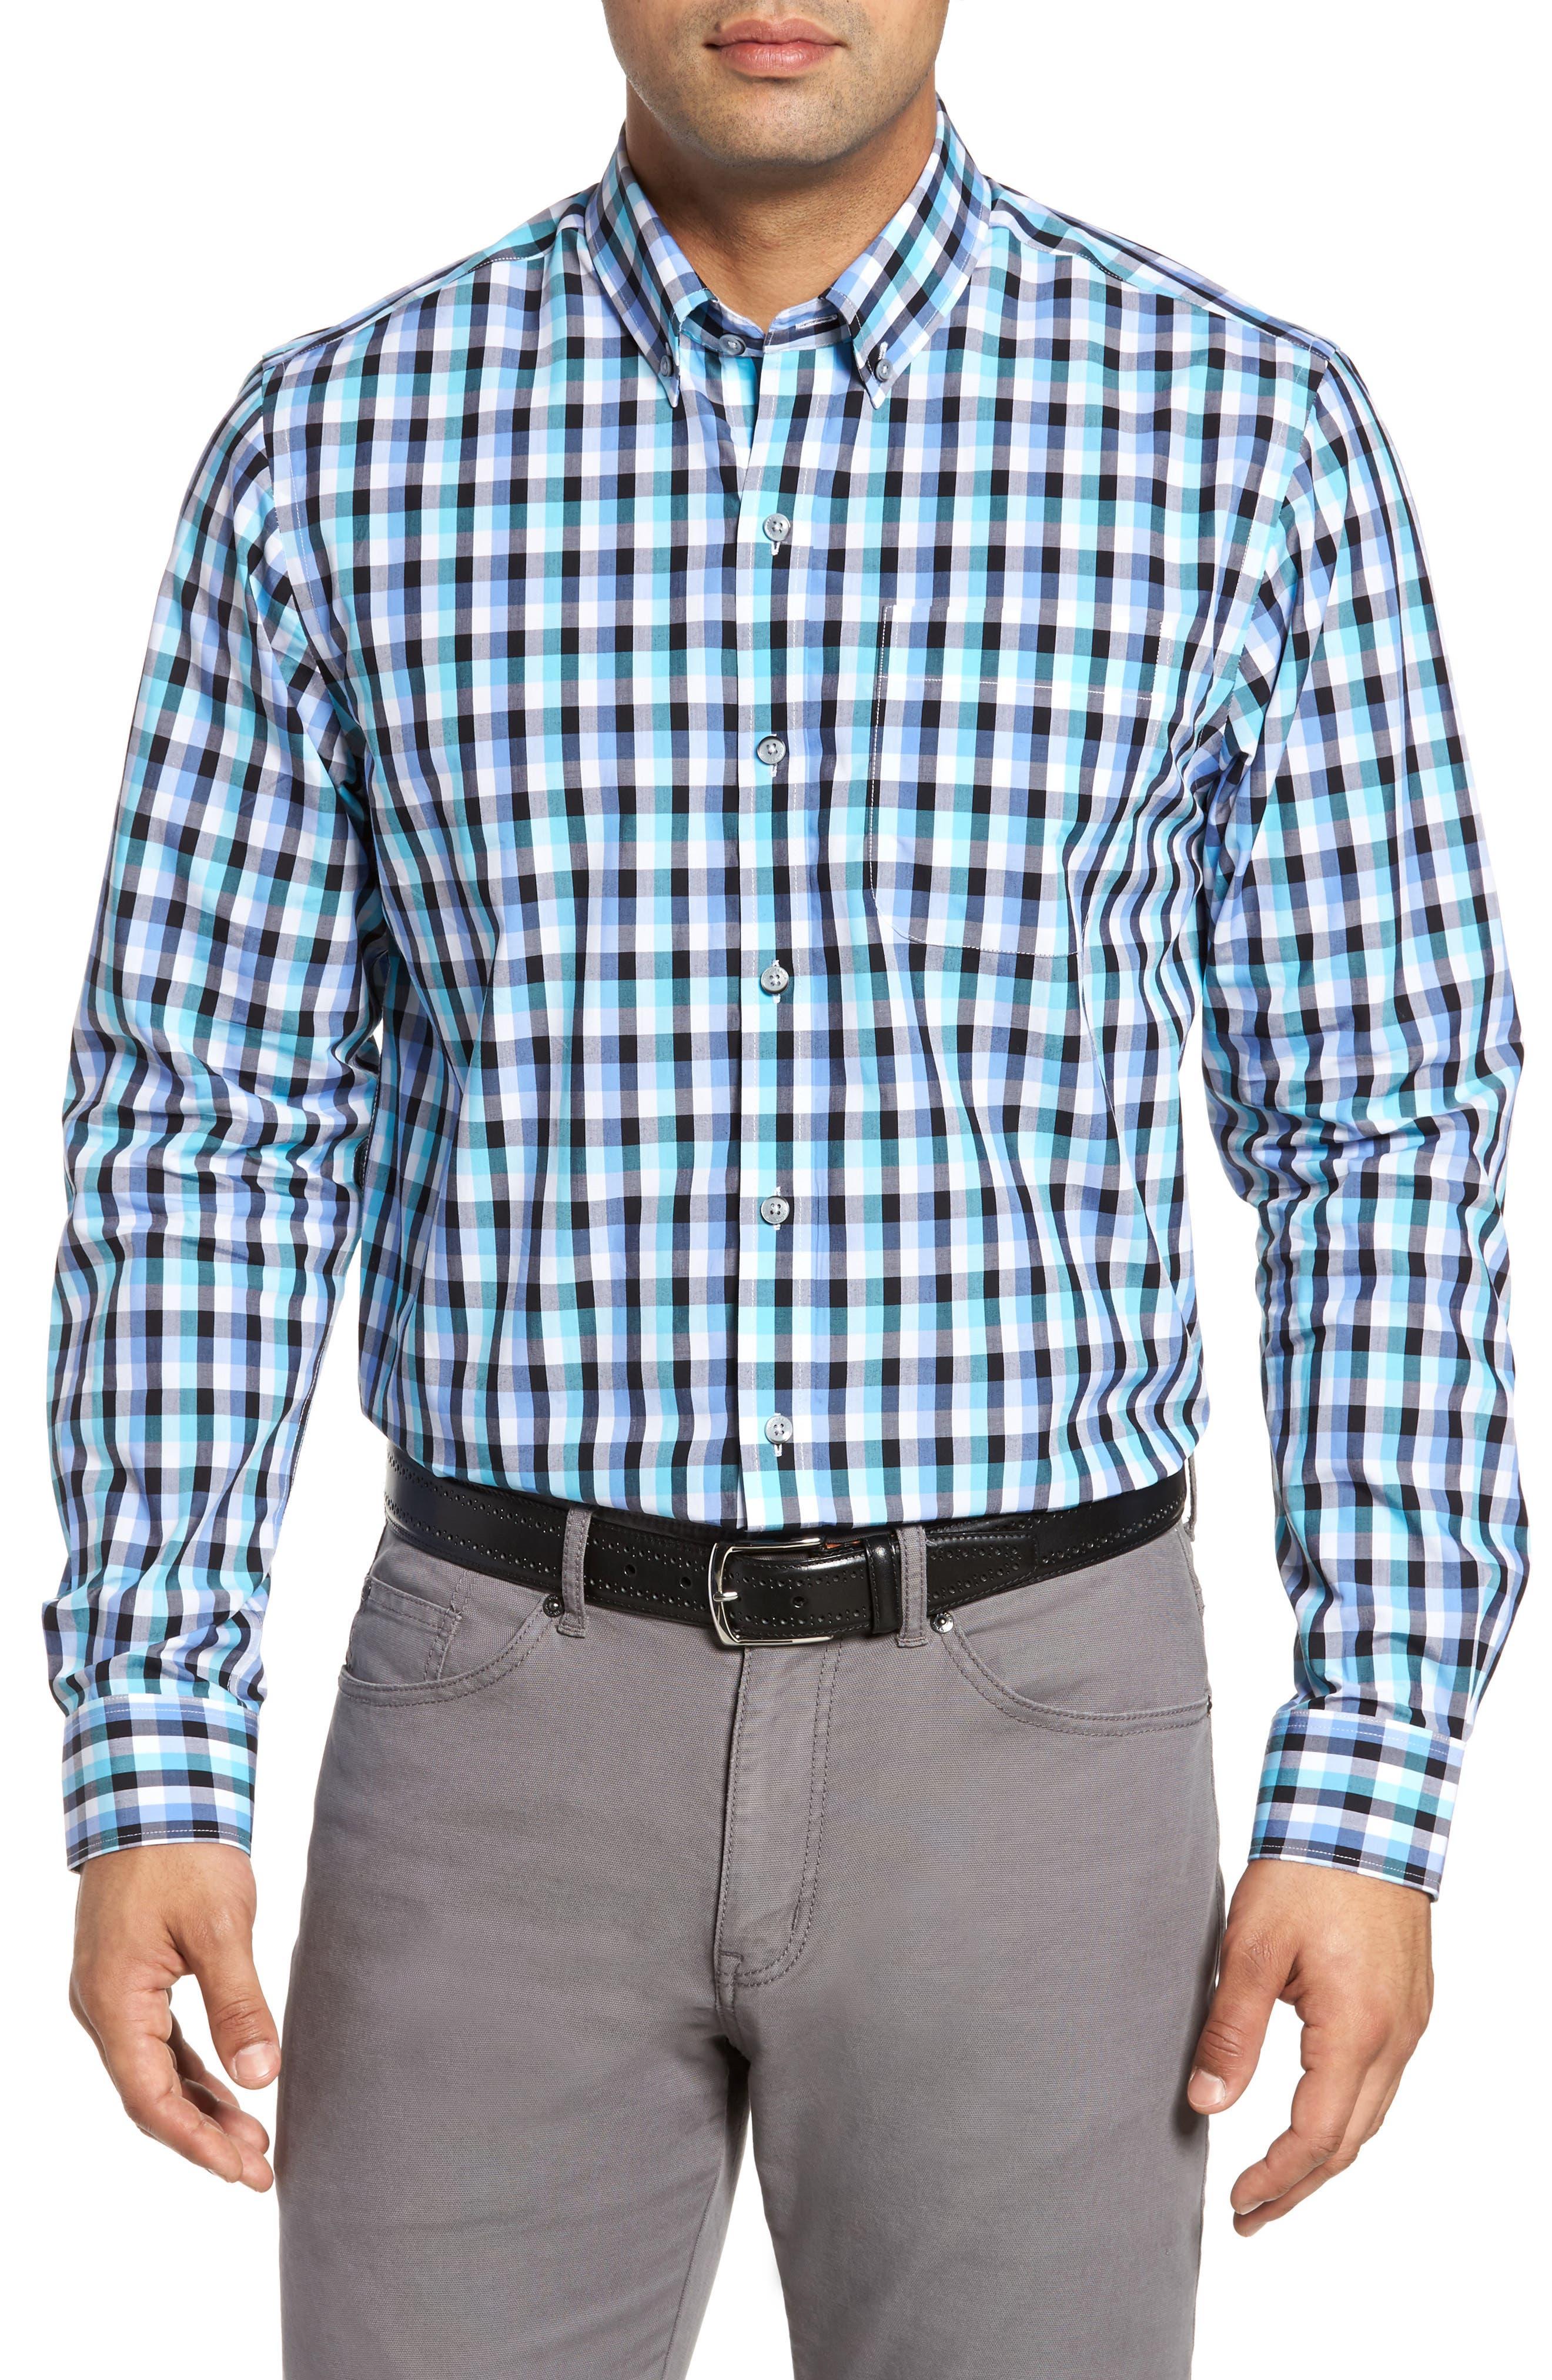 Sawyer Check Non-Iron Sport Shirt,                         Main,                         color,